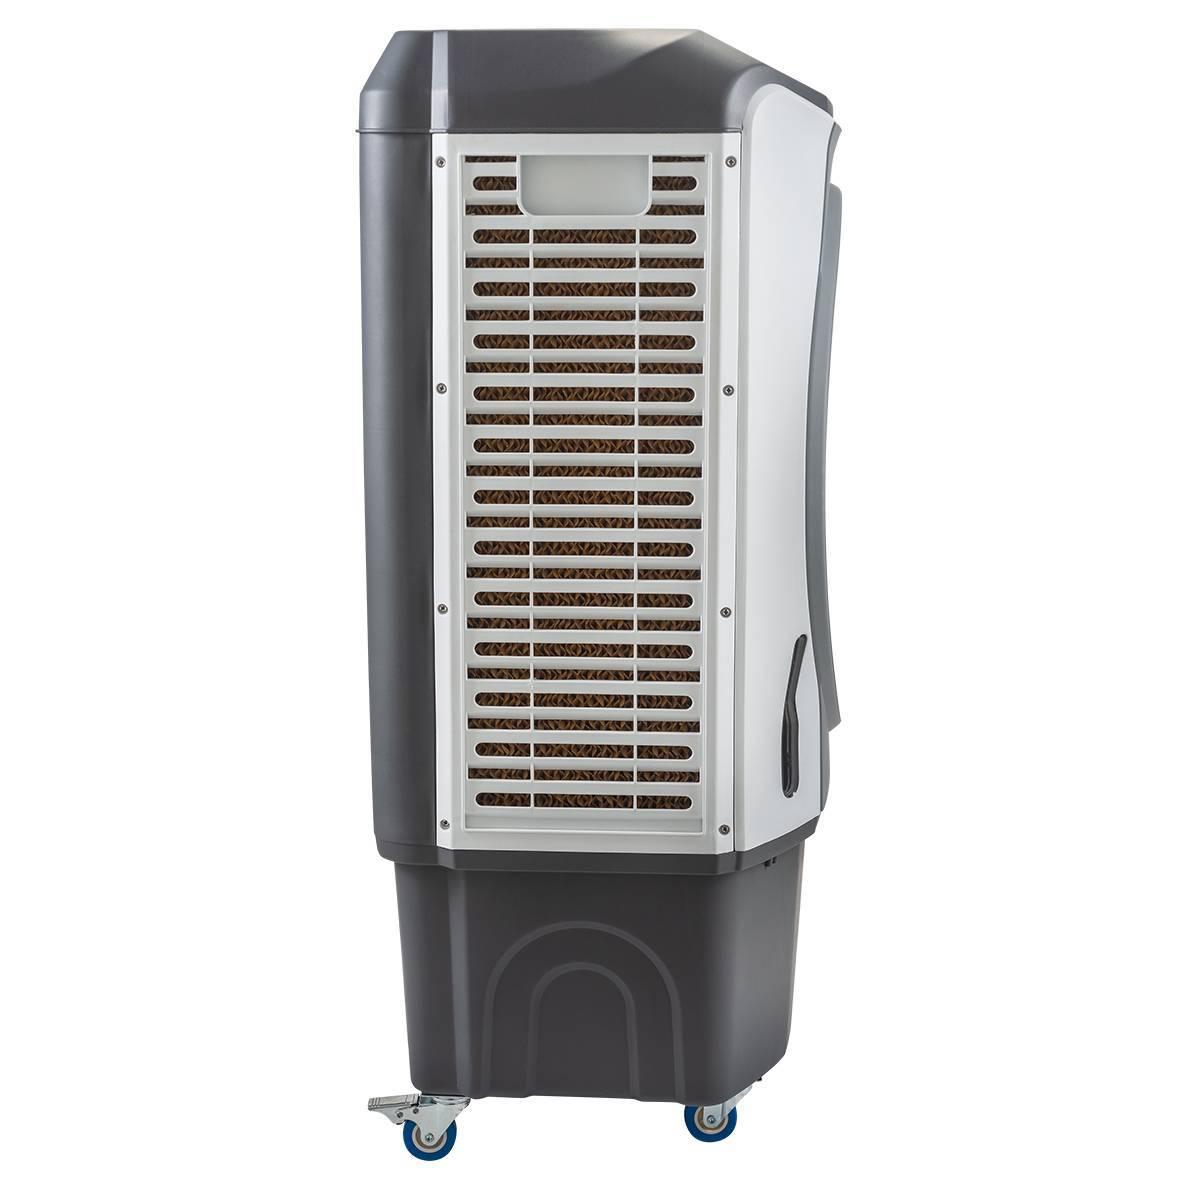 Climatizador Industrial Evaporativo De Ambientes Portátil - LCGELETRO